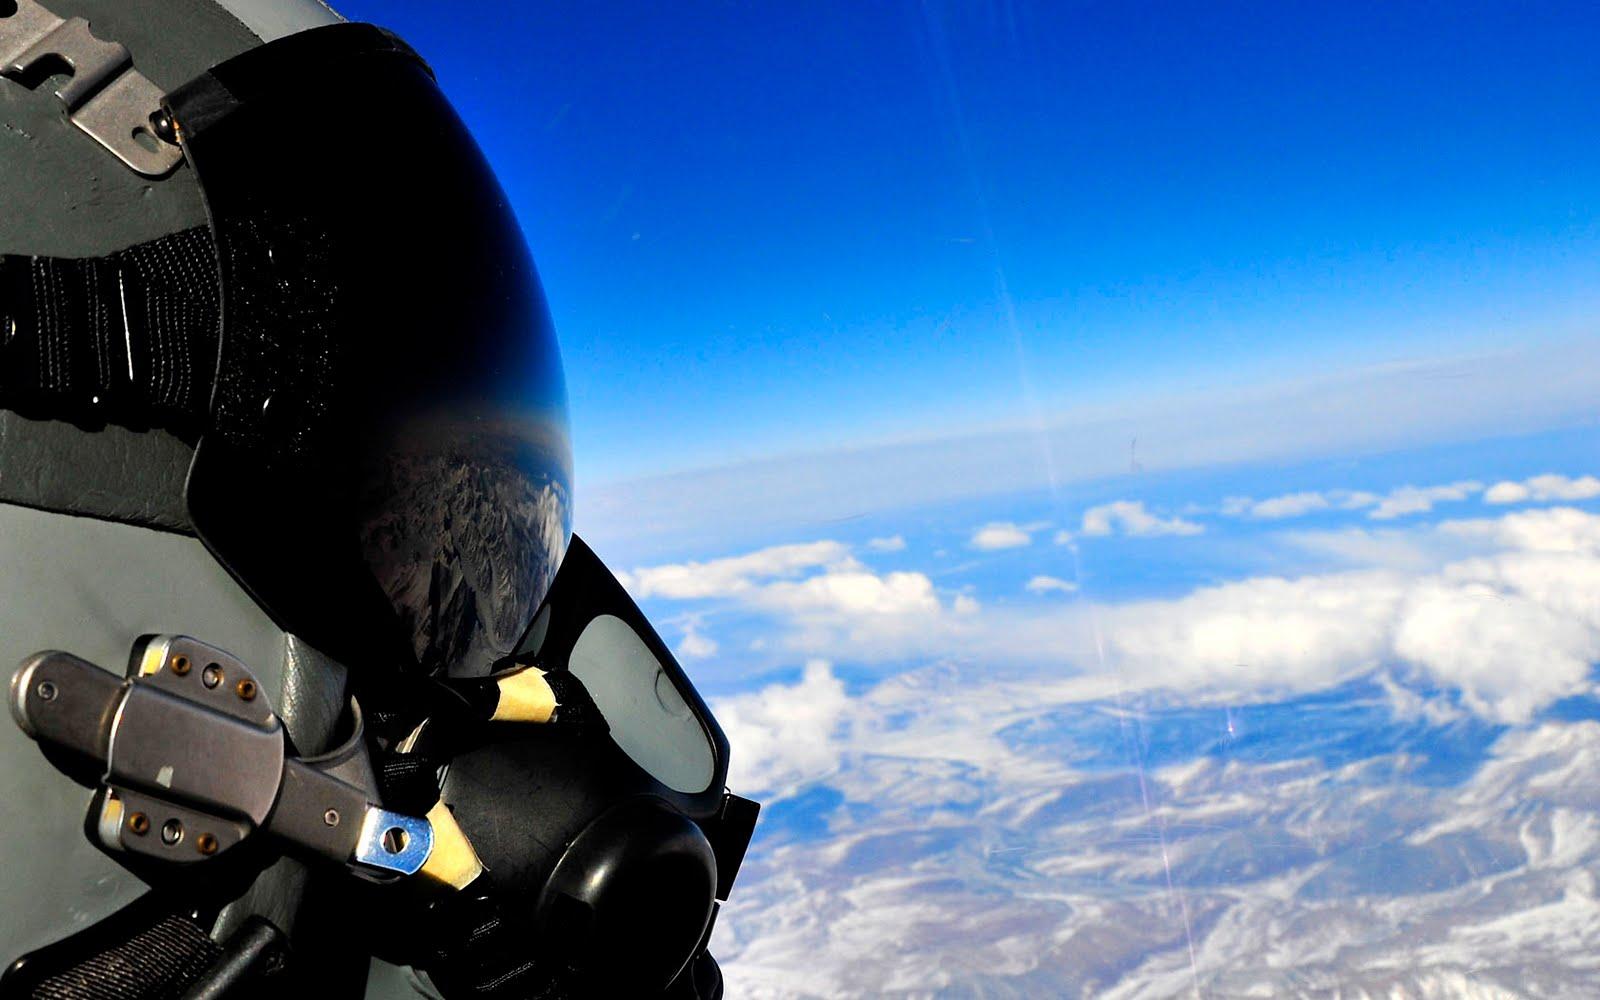 http://3.bp.blogspot.com/_8_4GnCTp578/TAER2Hmv20I/AAAAAAAABYQ/EhyvkvpP-lk/s1600/Fighter_Pilot.jpg